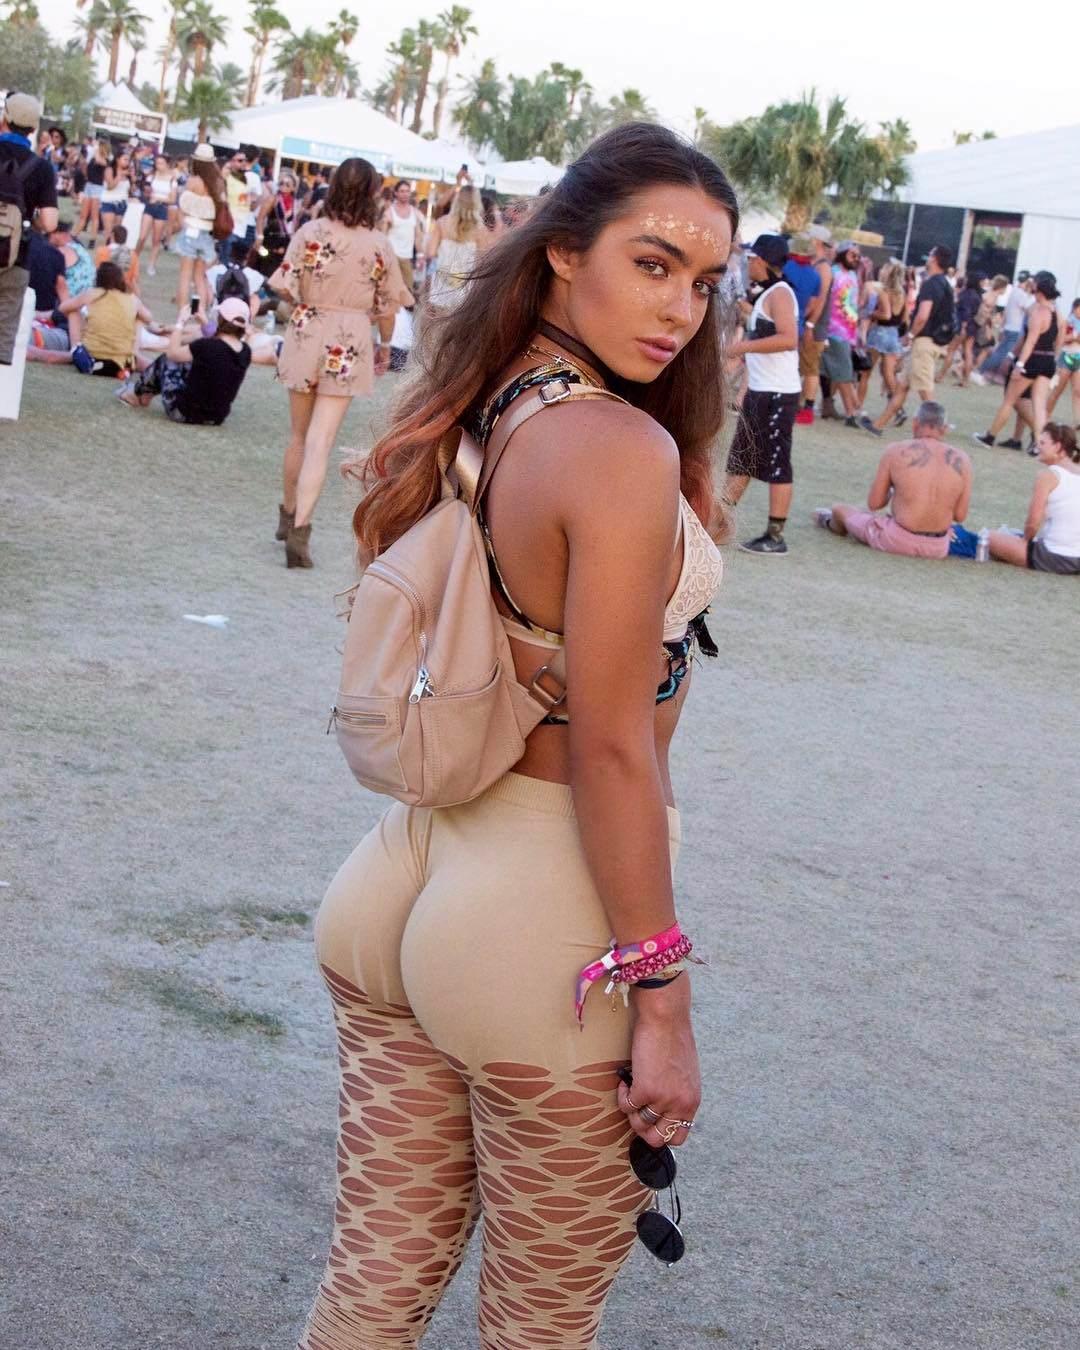 Coachella Porn